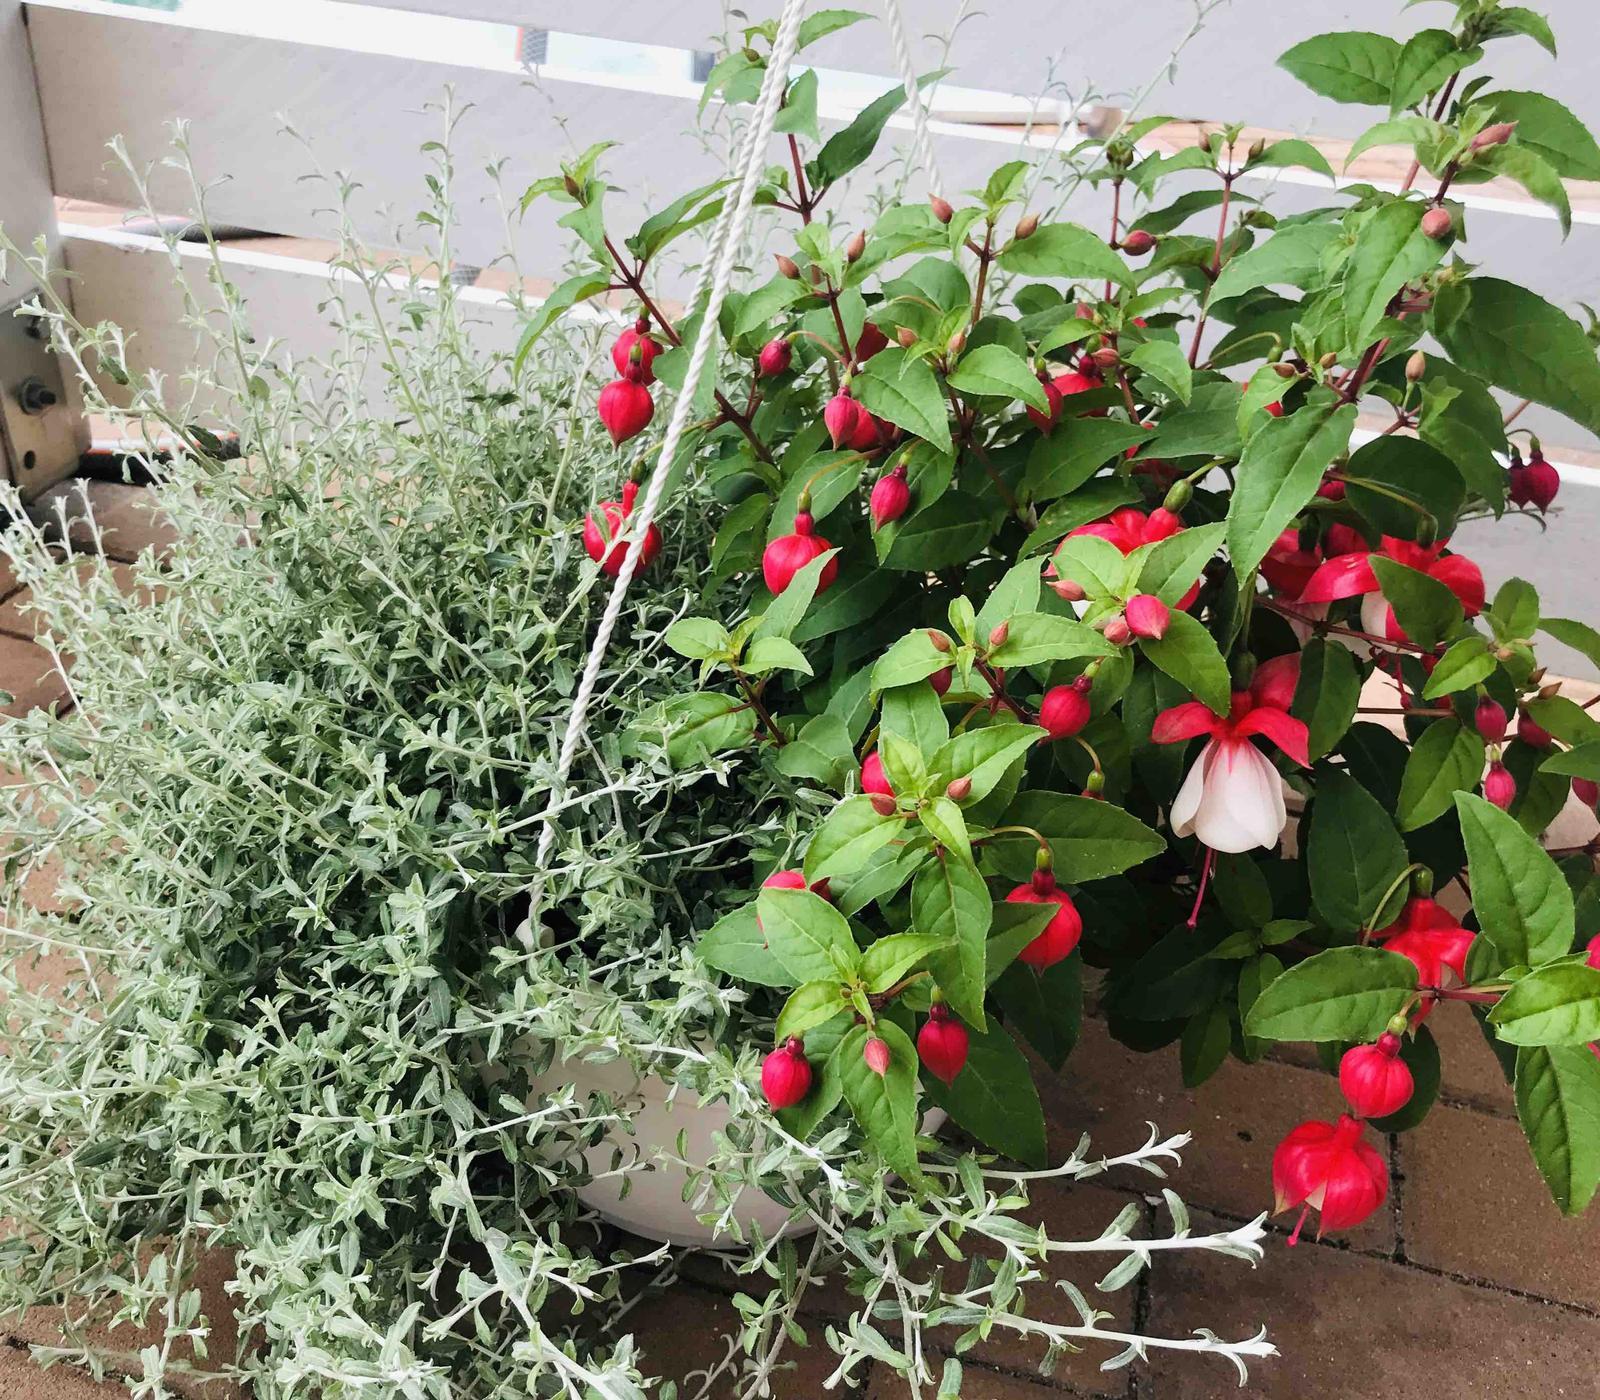 Naše barevná zahrada 🌸 - Tyhle závěsné mám jen dva a už přemýšlím, kam ty fuchsie ještě pořídím příští rok 🌸